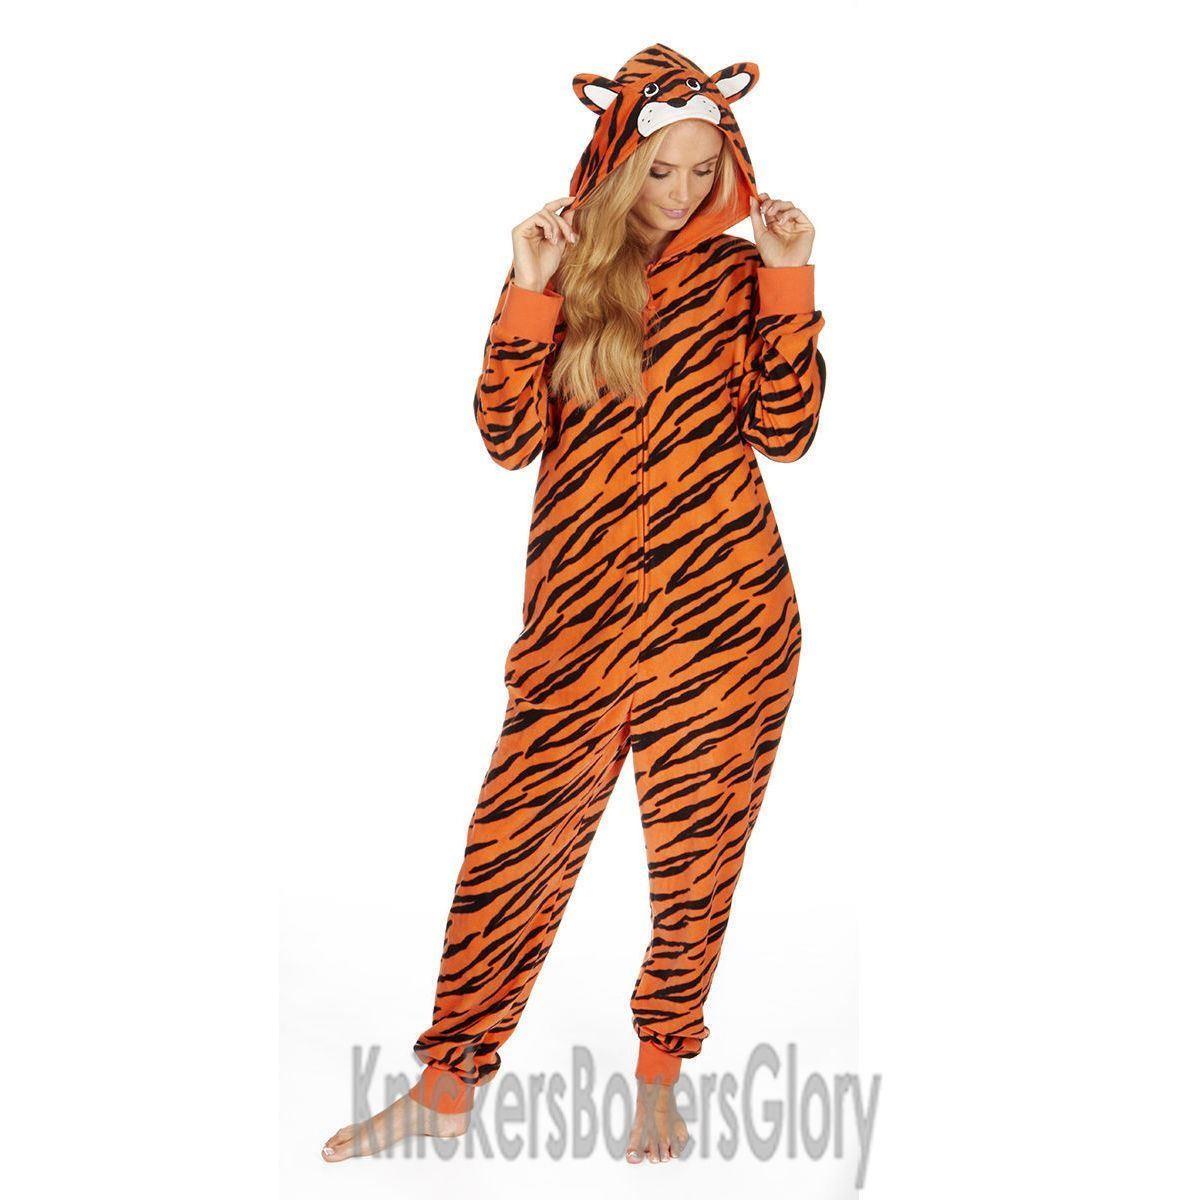 Onezee Tiger Fleece Onesie - Orange